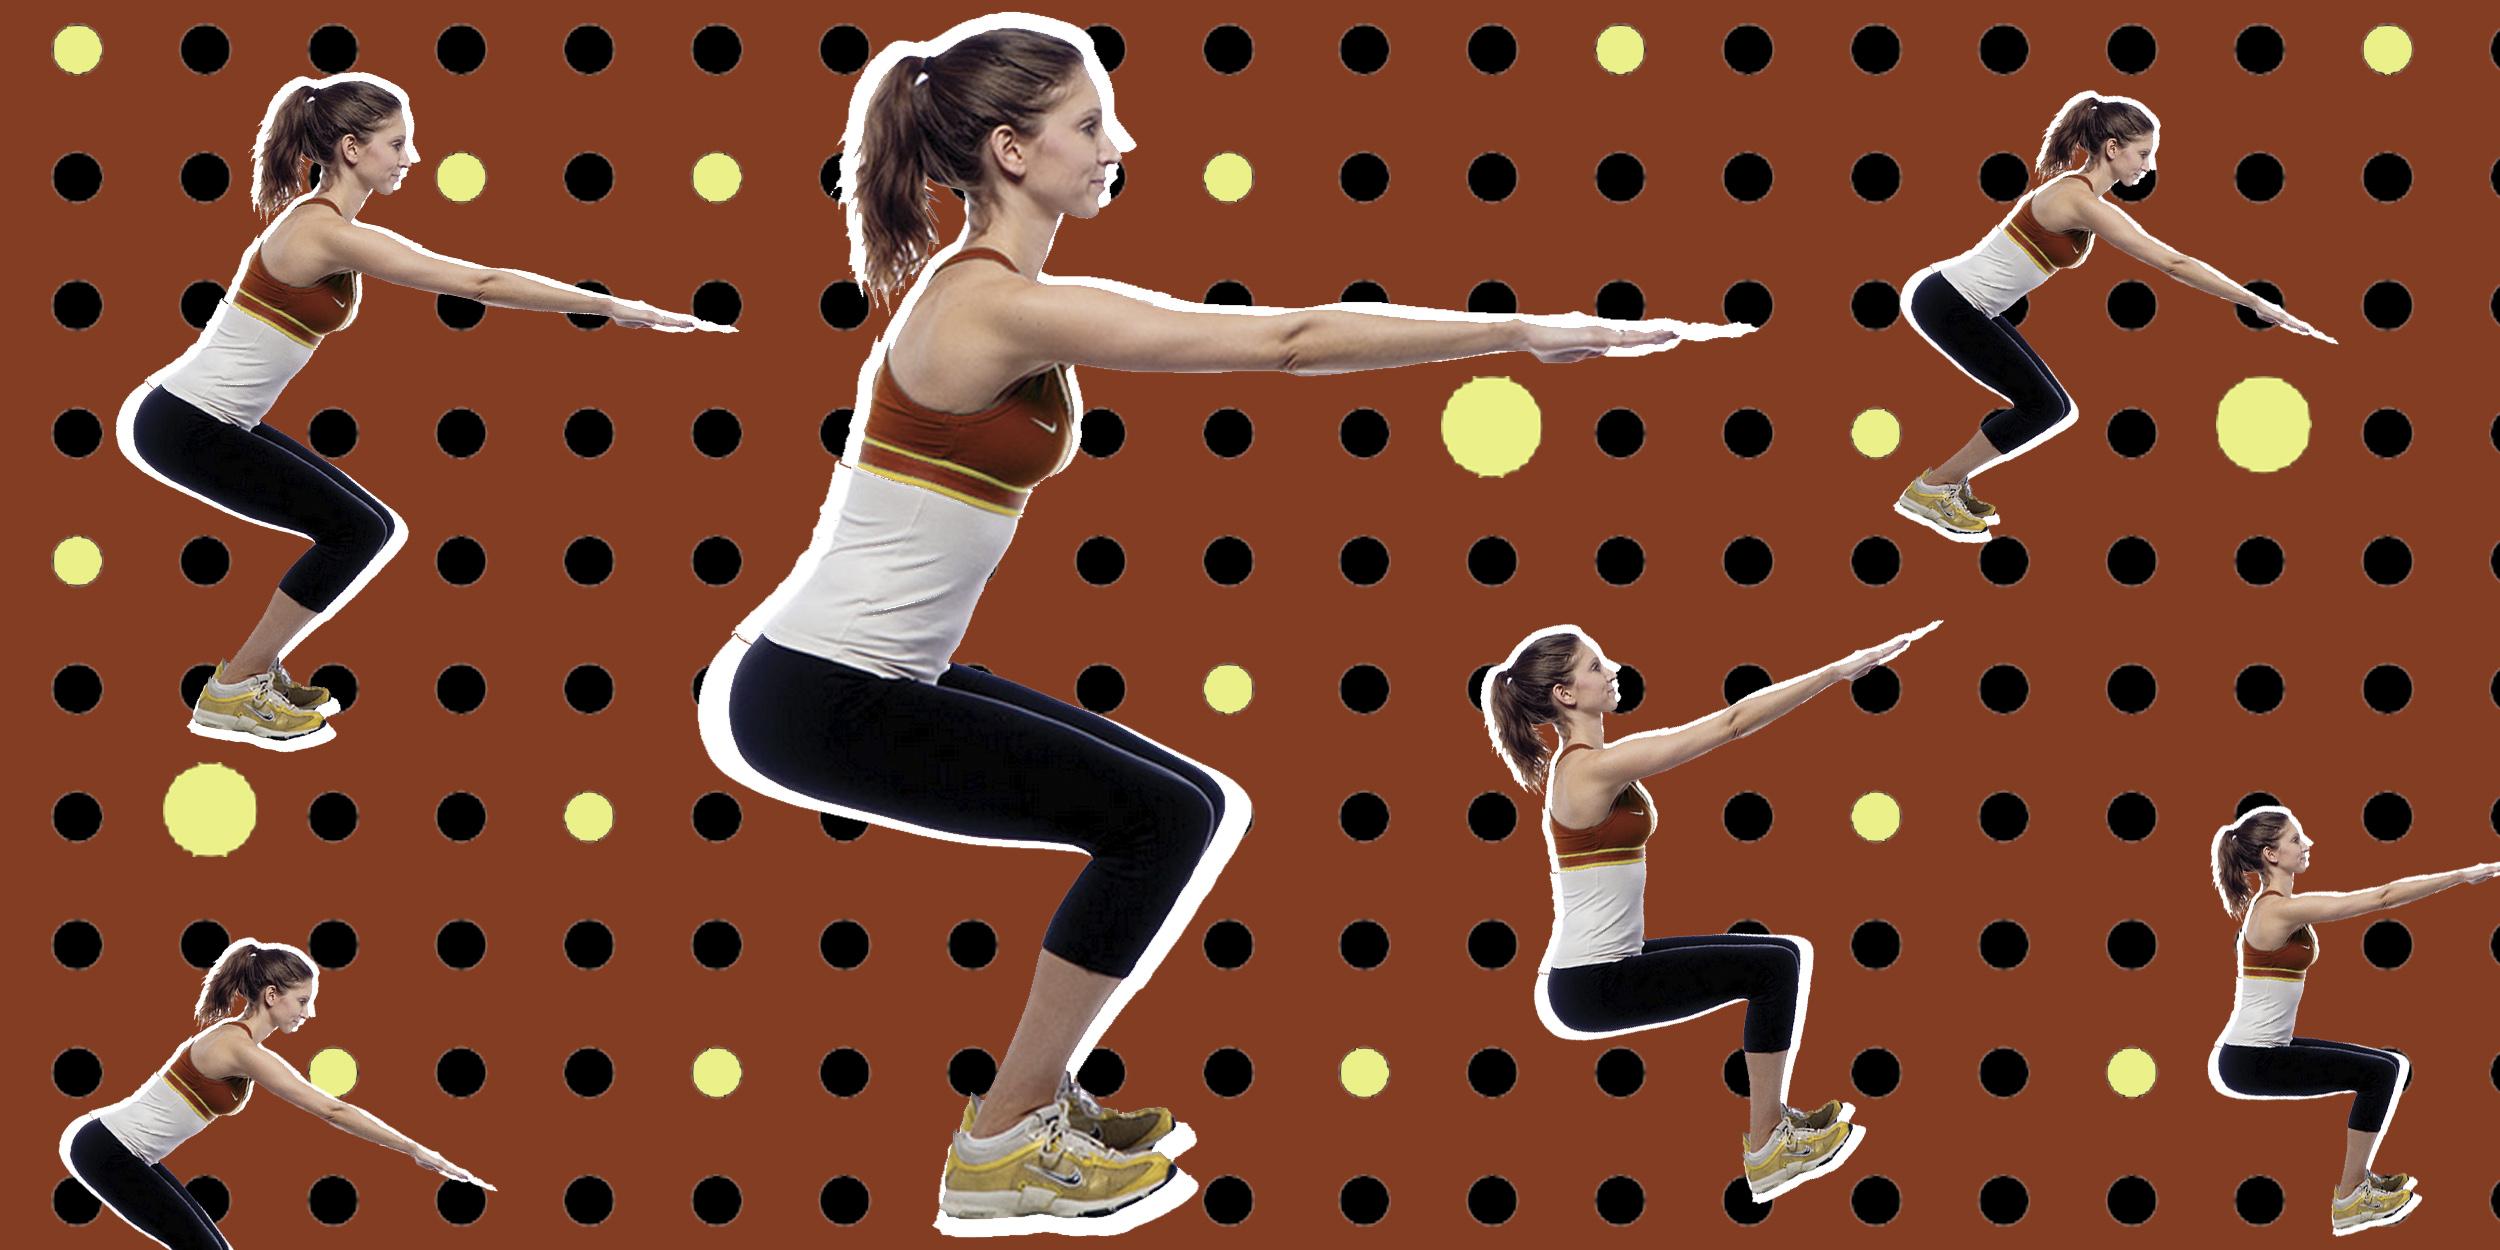 действенные упражнения помогающие скинуть вес после 60